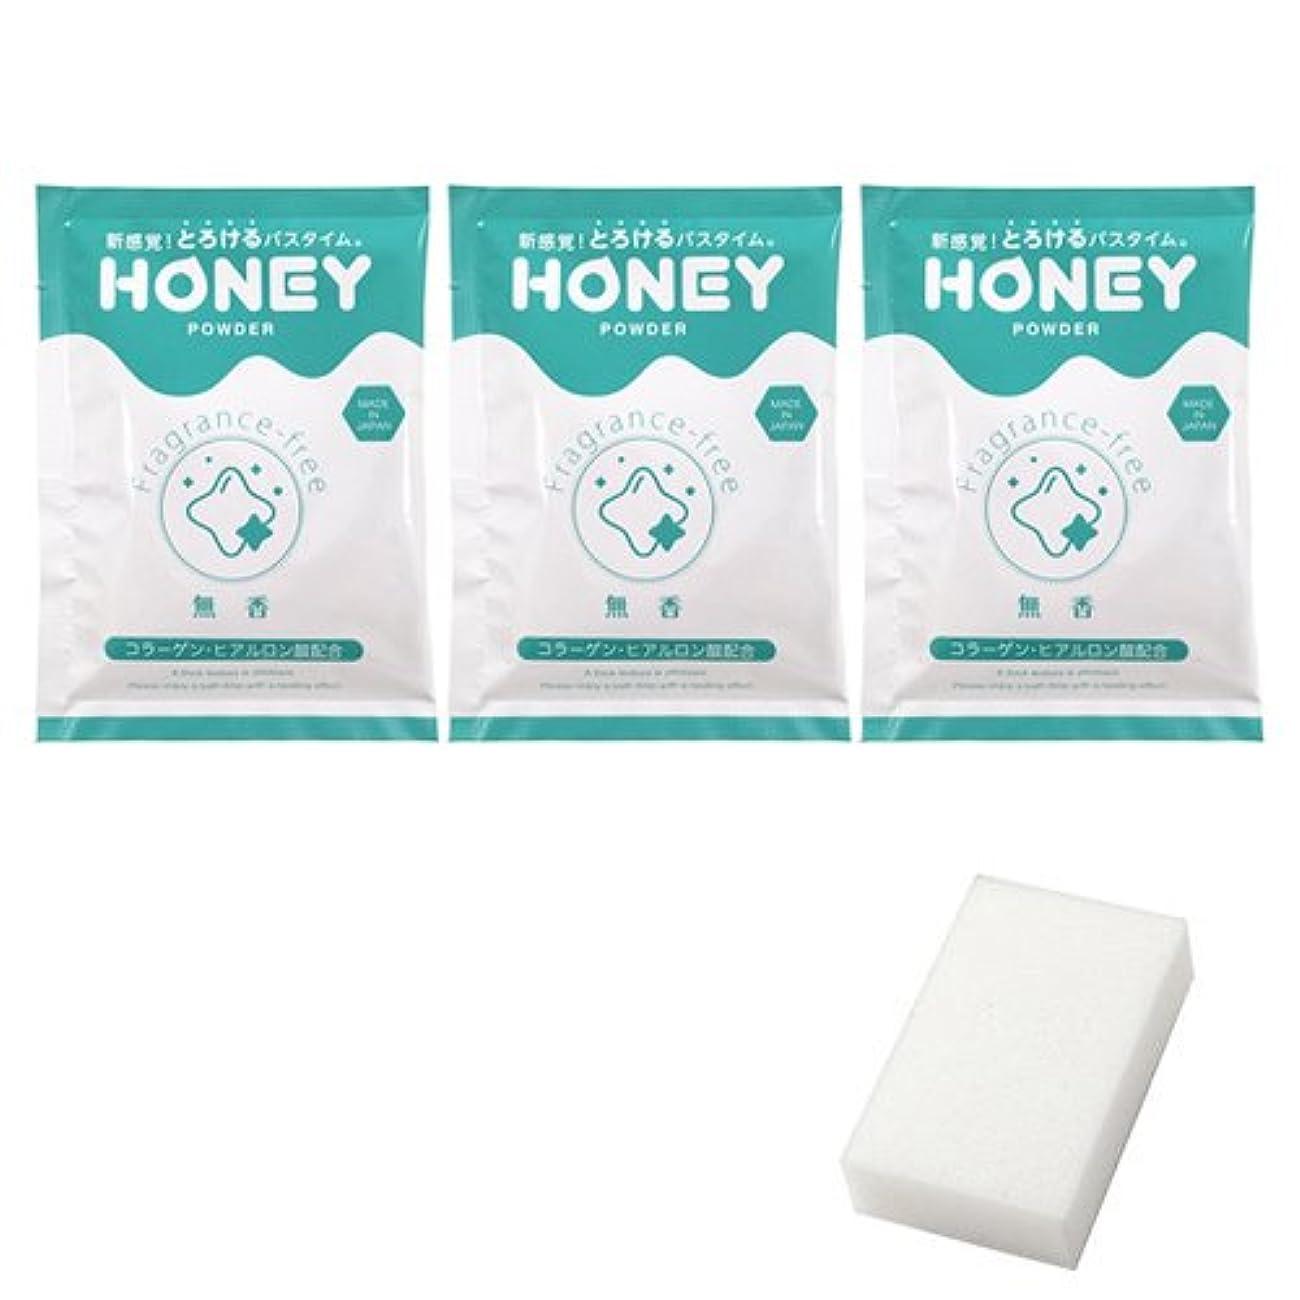 誤解を招くホスト最終的にとろとろ入浴剤【honey powder】(ハニーパウダー) 無香タイプ 3個セット + 圧縮スポンジセット